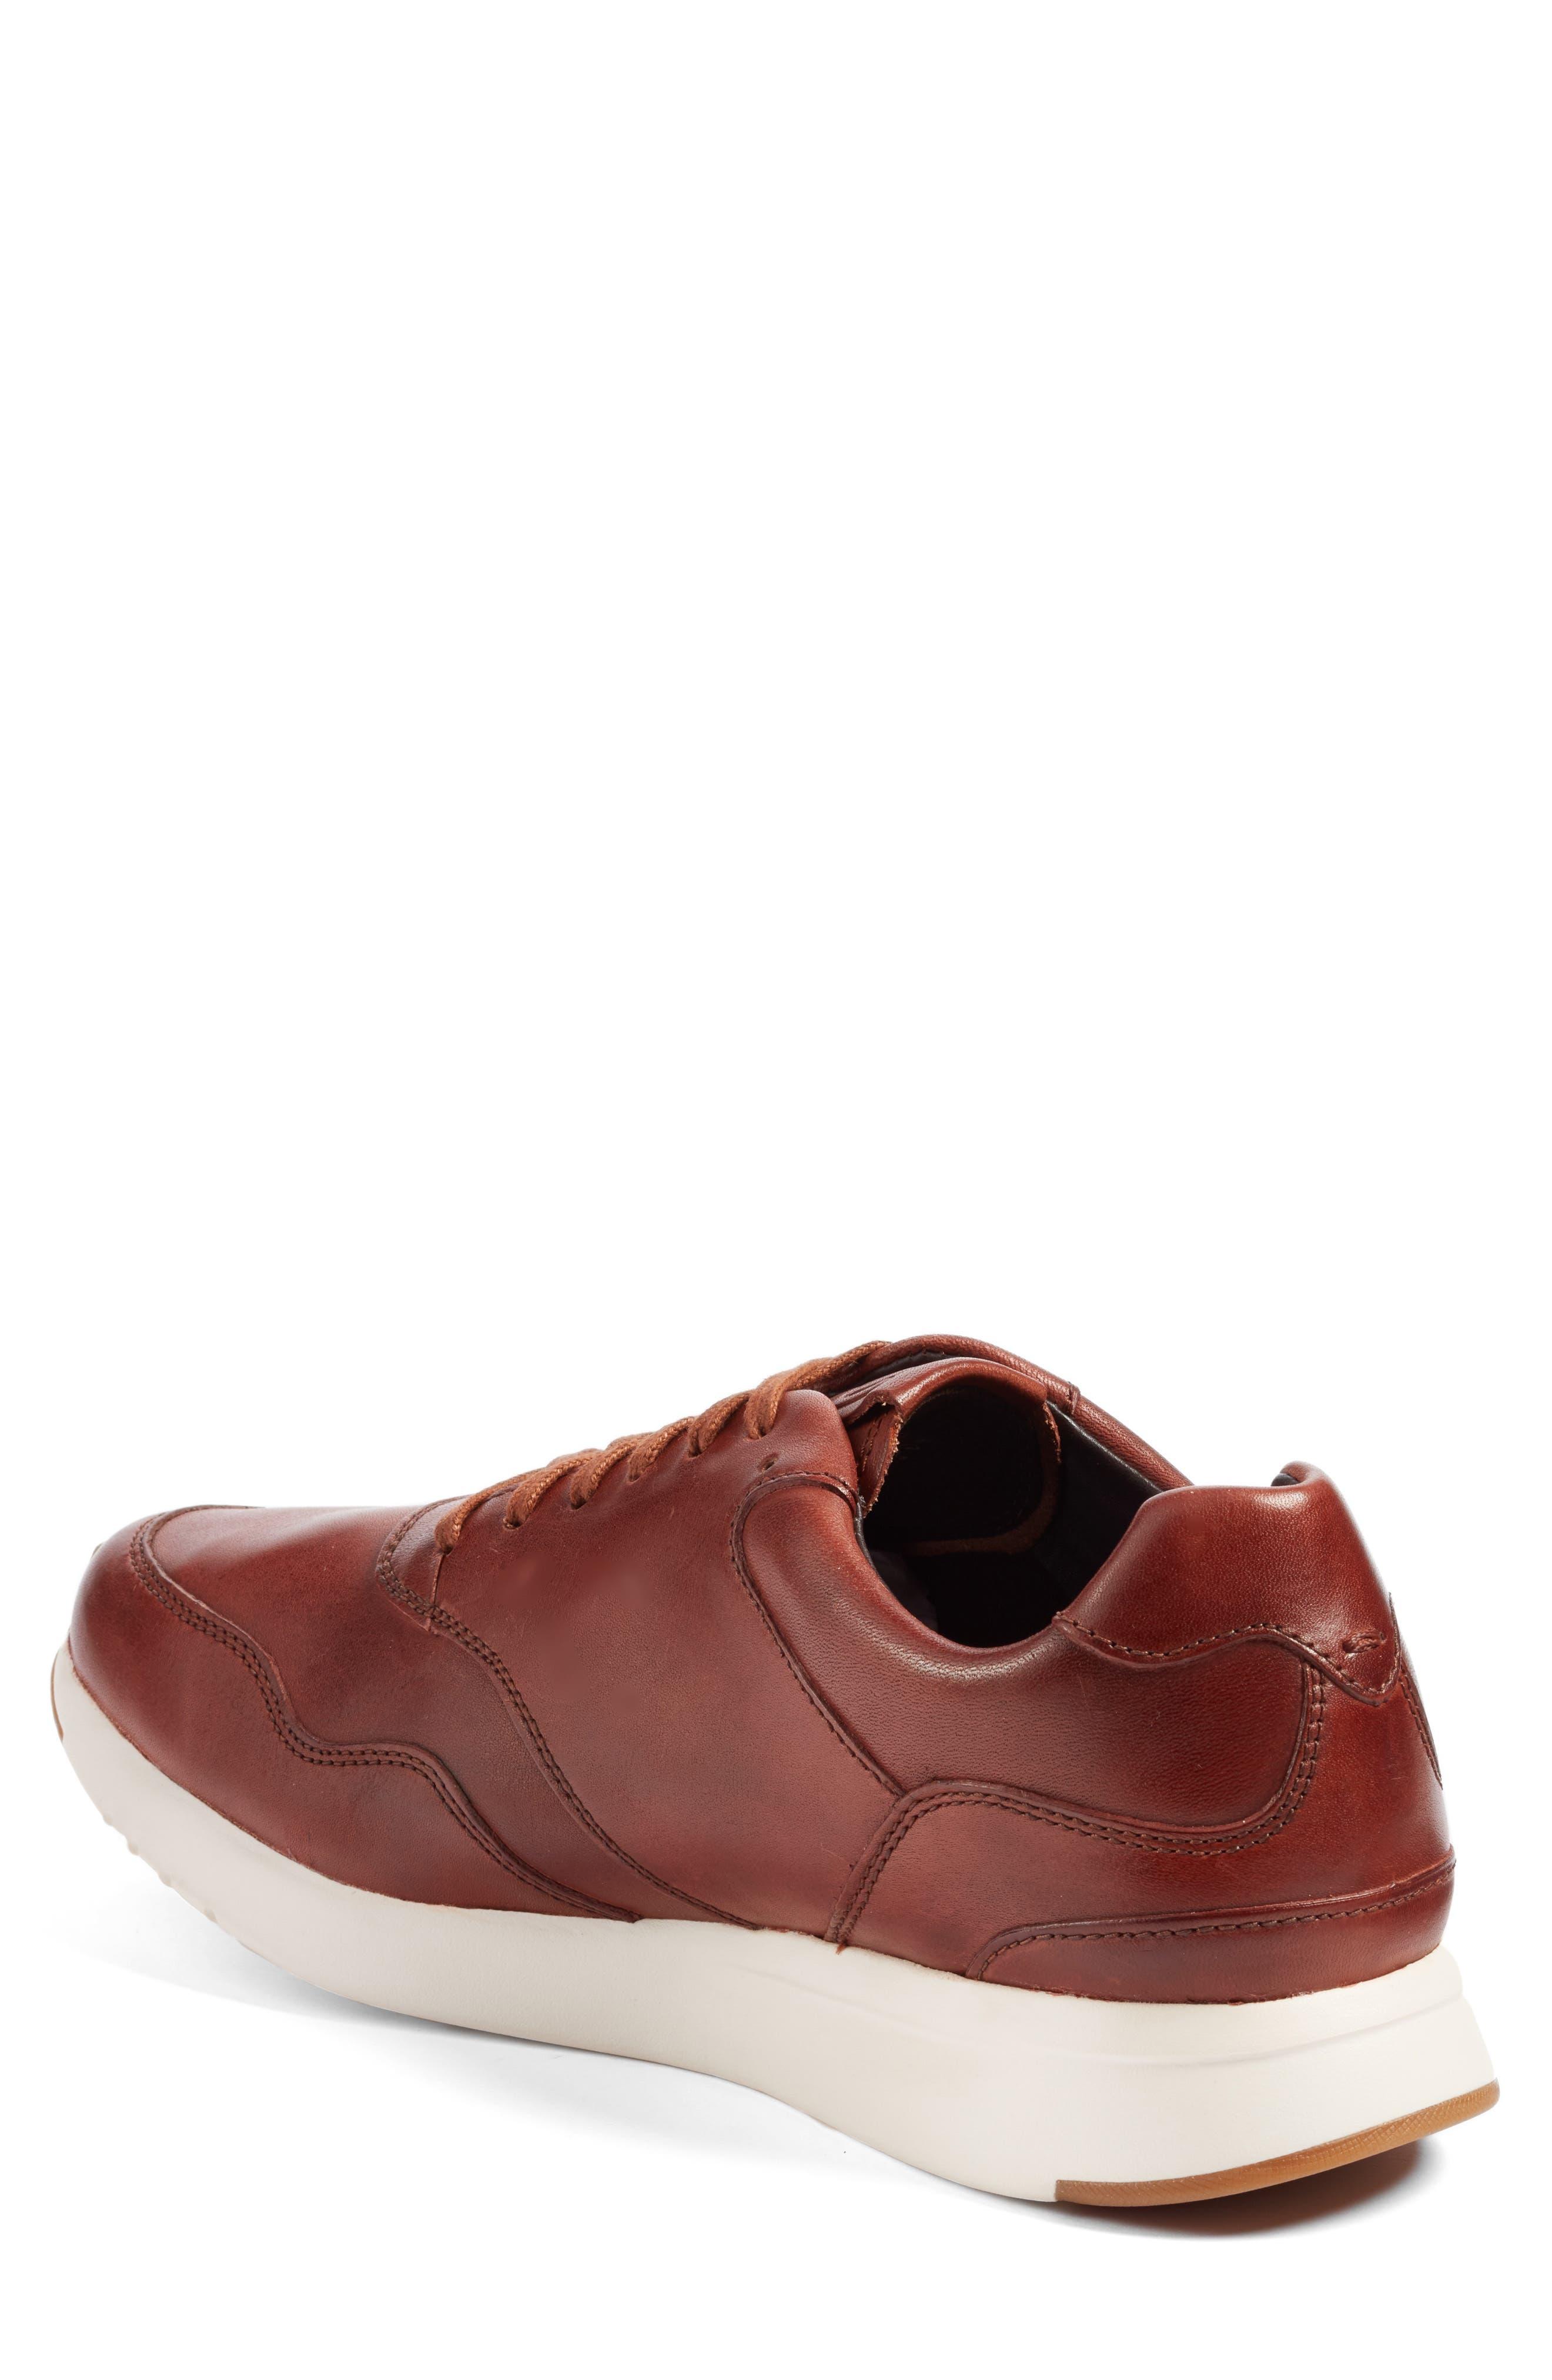 GrandPro Runner Sneaker,                             Alternate thumbnail 6, color,